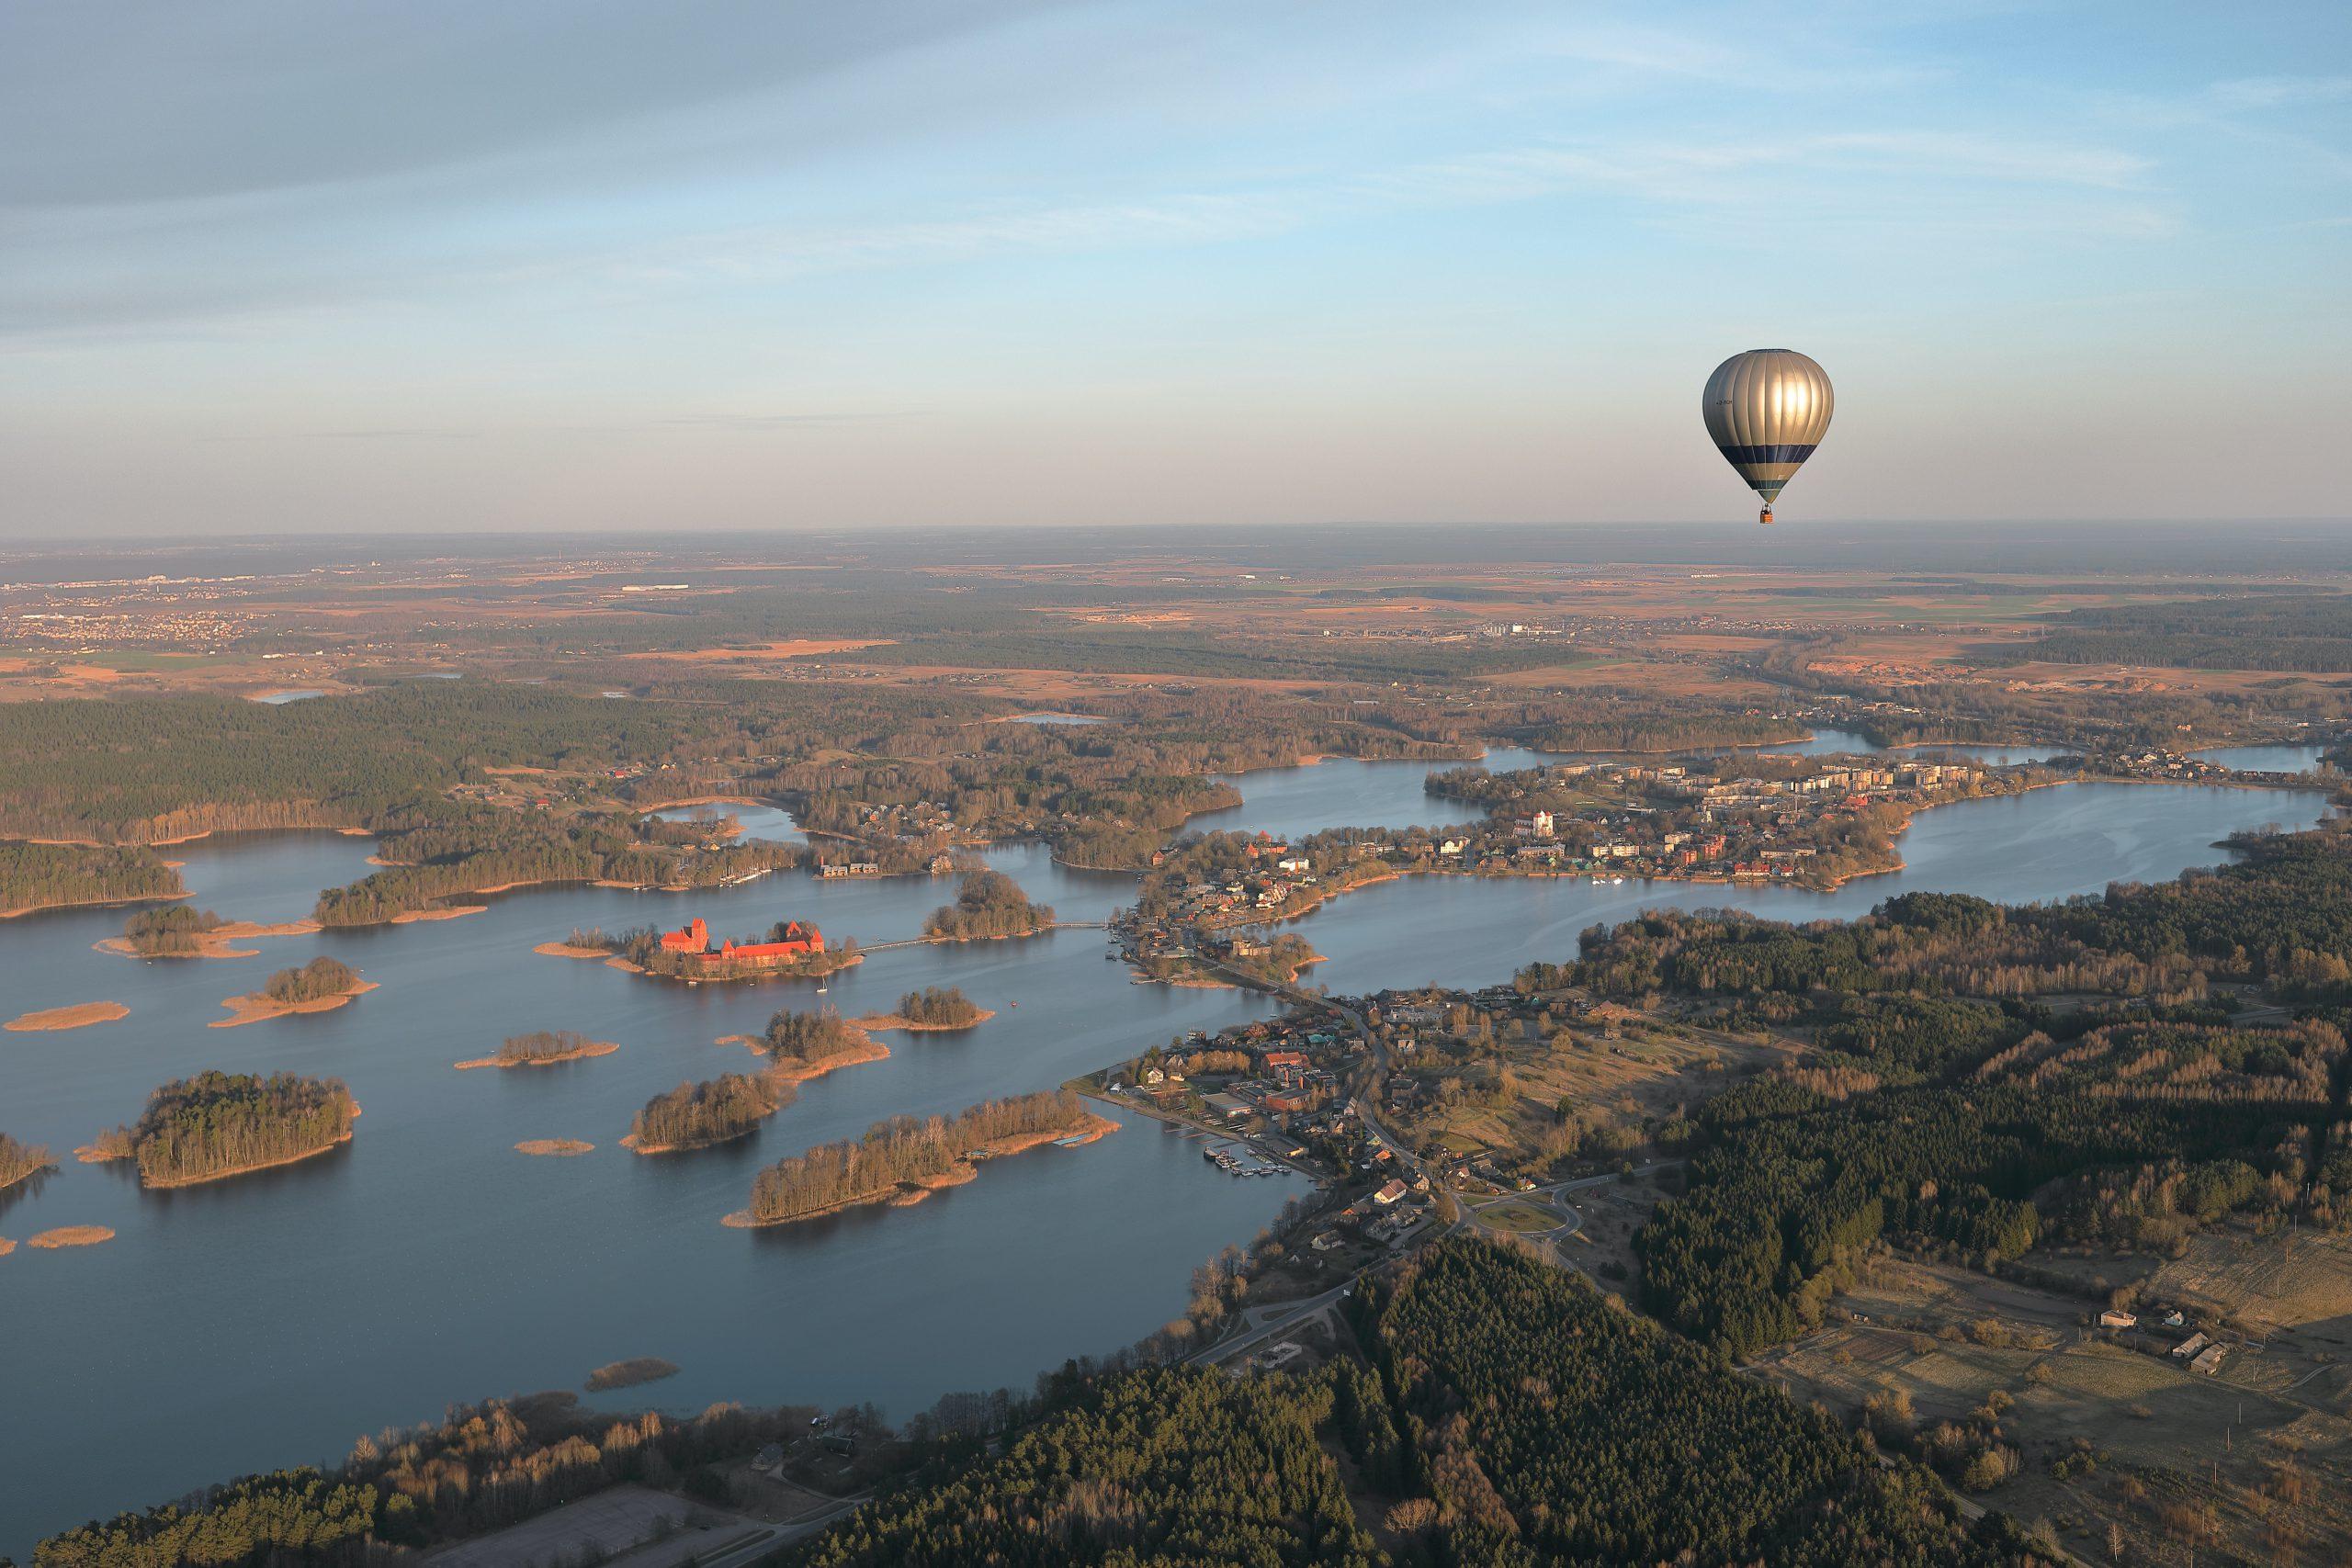 Vue depuis une montgolfière de la ville de Mondolkiri